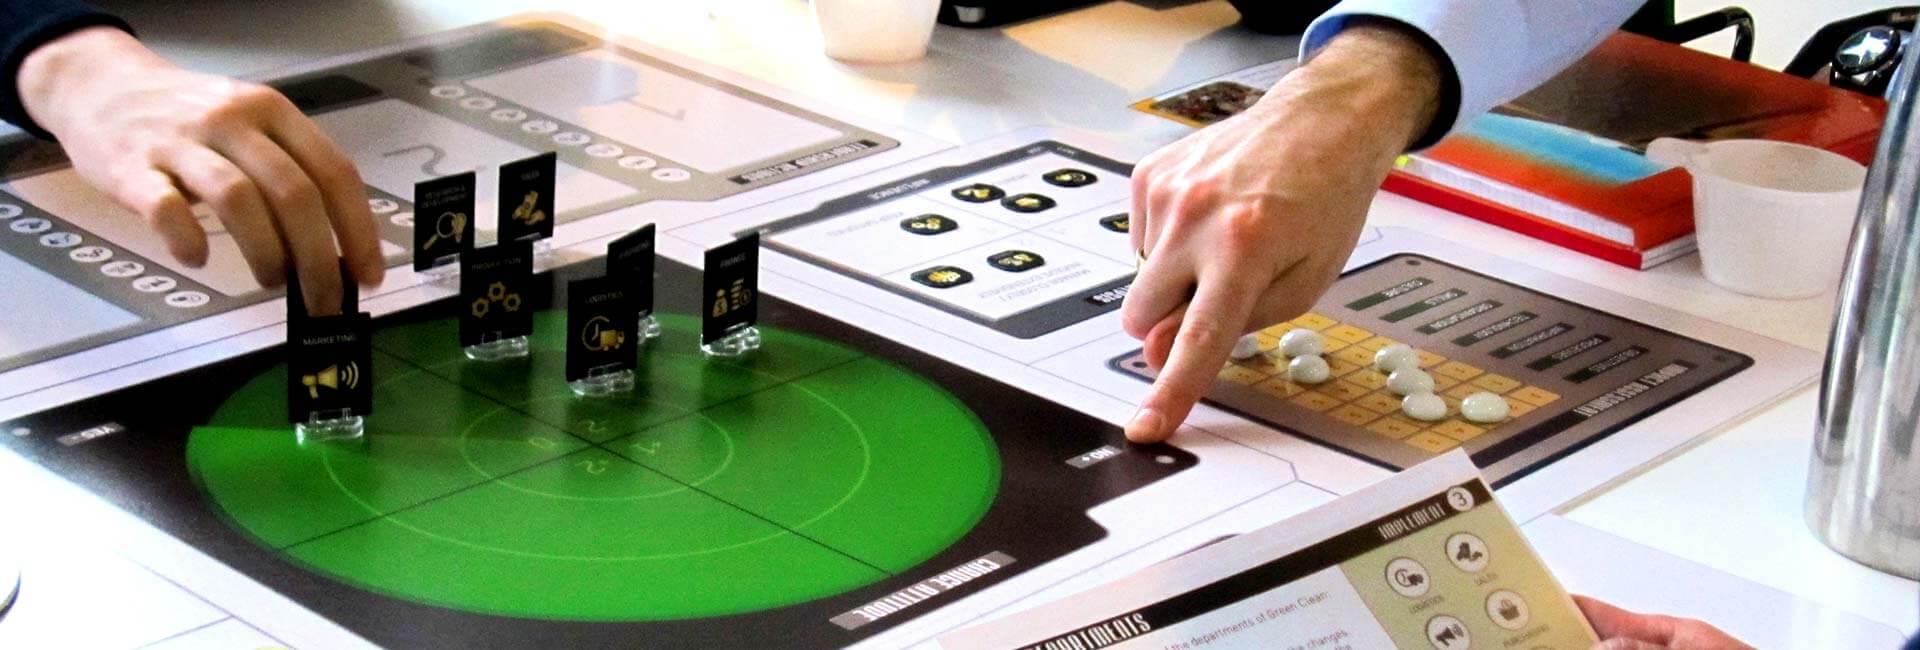 Vi arbejder med læringsspil i både analog, digital og blended form.